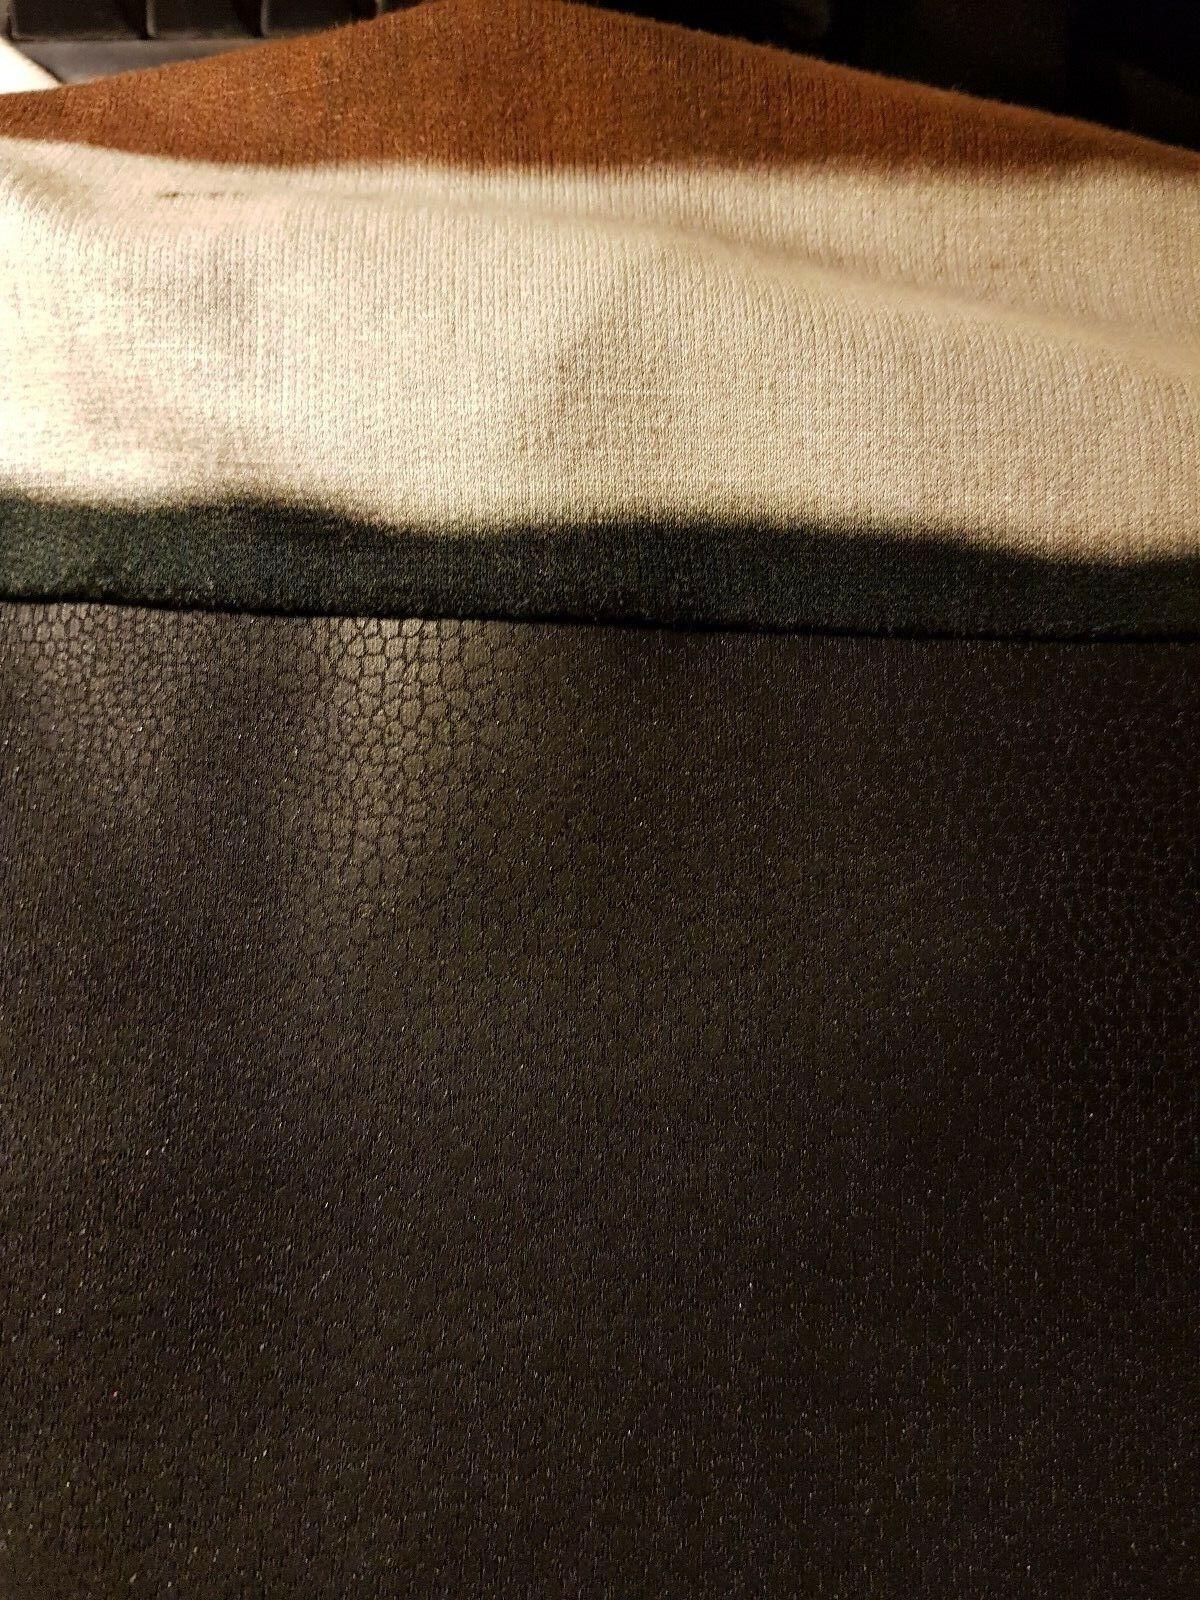 Ariana Ariana Ariana dress stunning multi texture 173c81